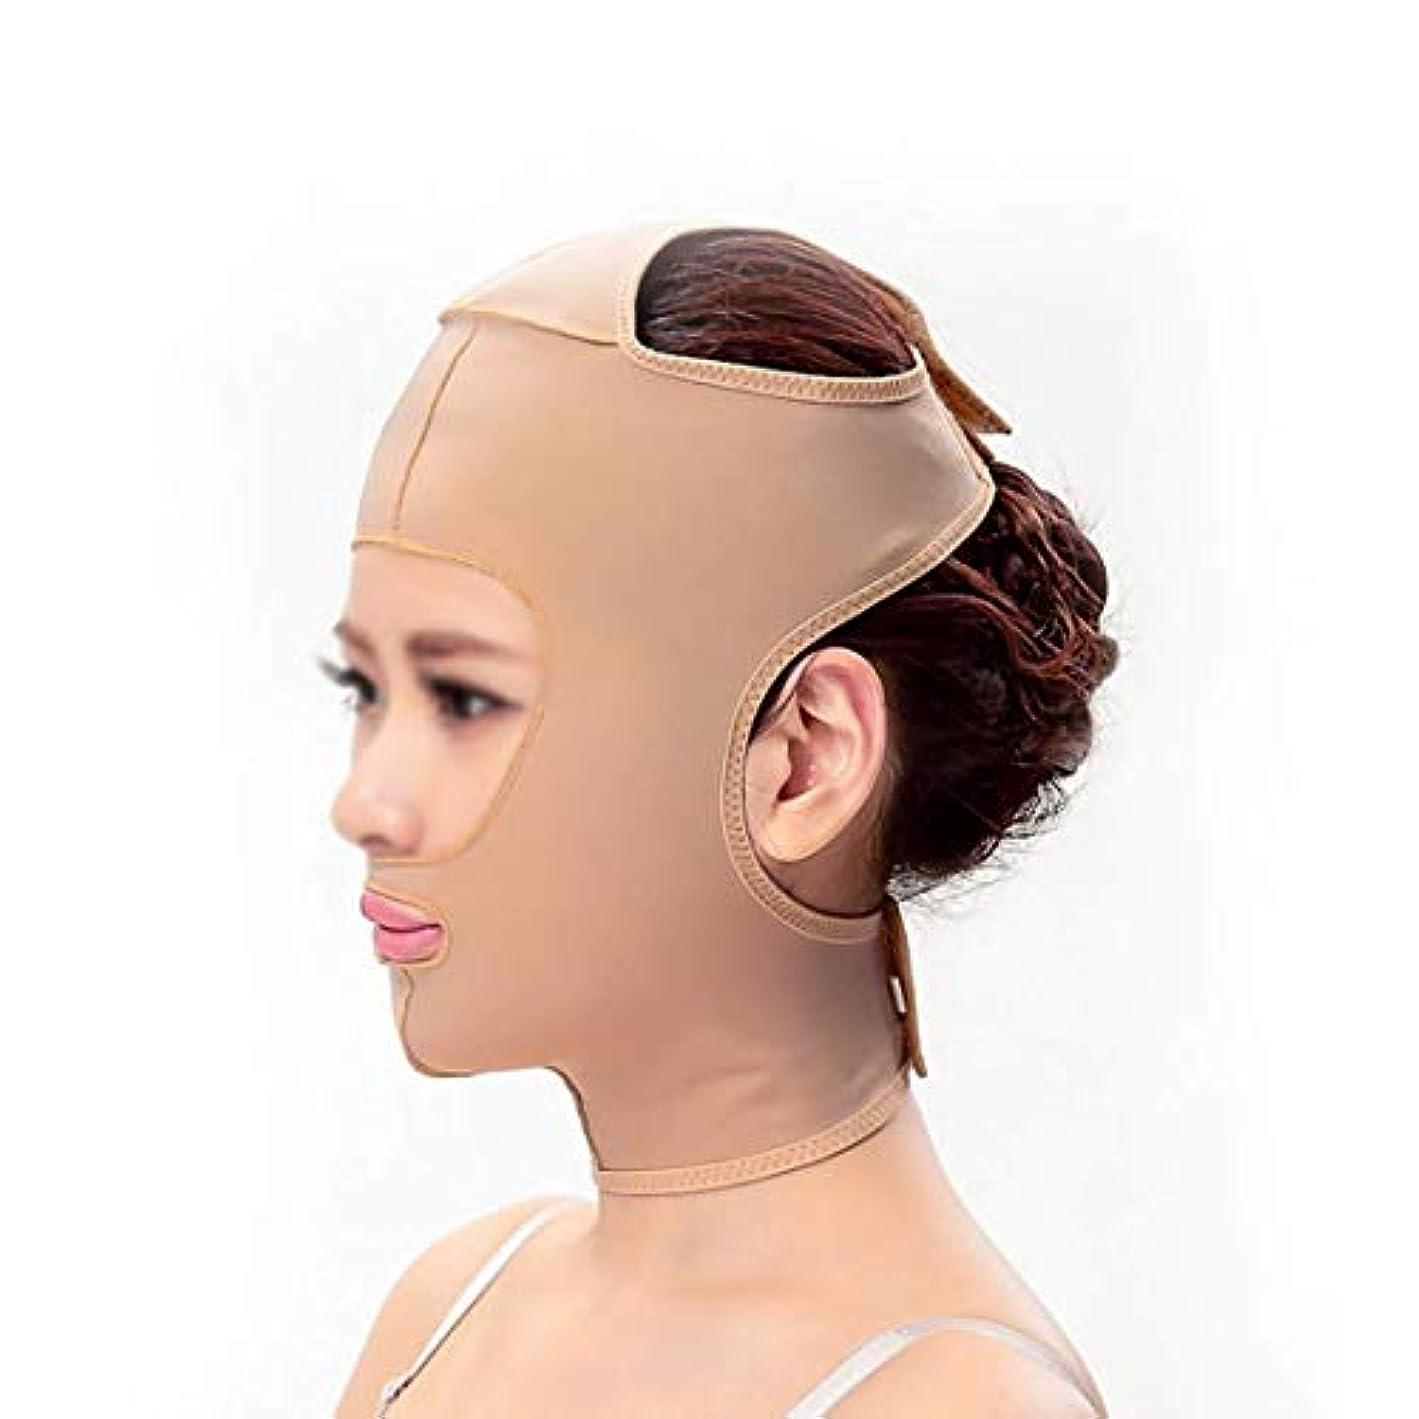 クレデンシャル邪魔ヒープスリミングベルト、二重あごの引き締め顔面プラスチックフェイスアーティファクト強力なフェイスバンデージをサイズアップするために顔面マスクシンフェイスマスク,S